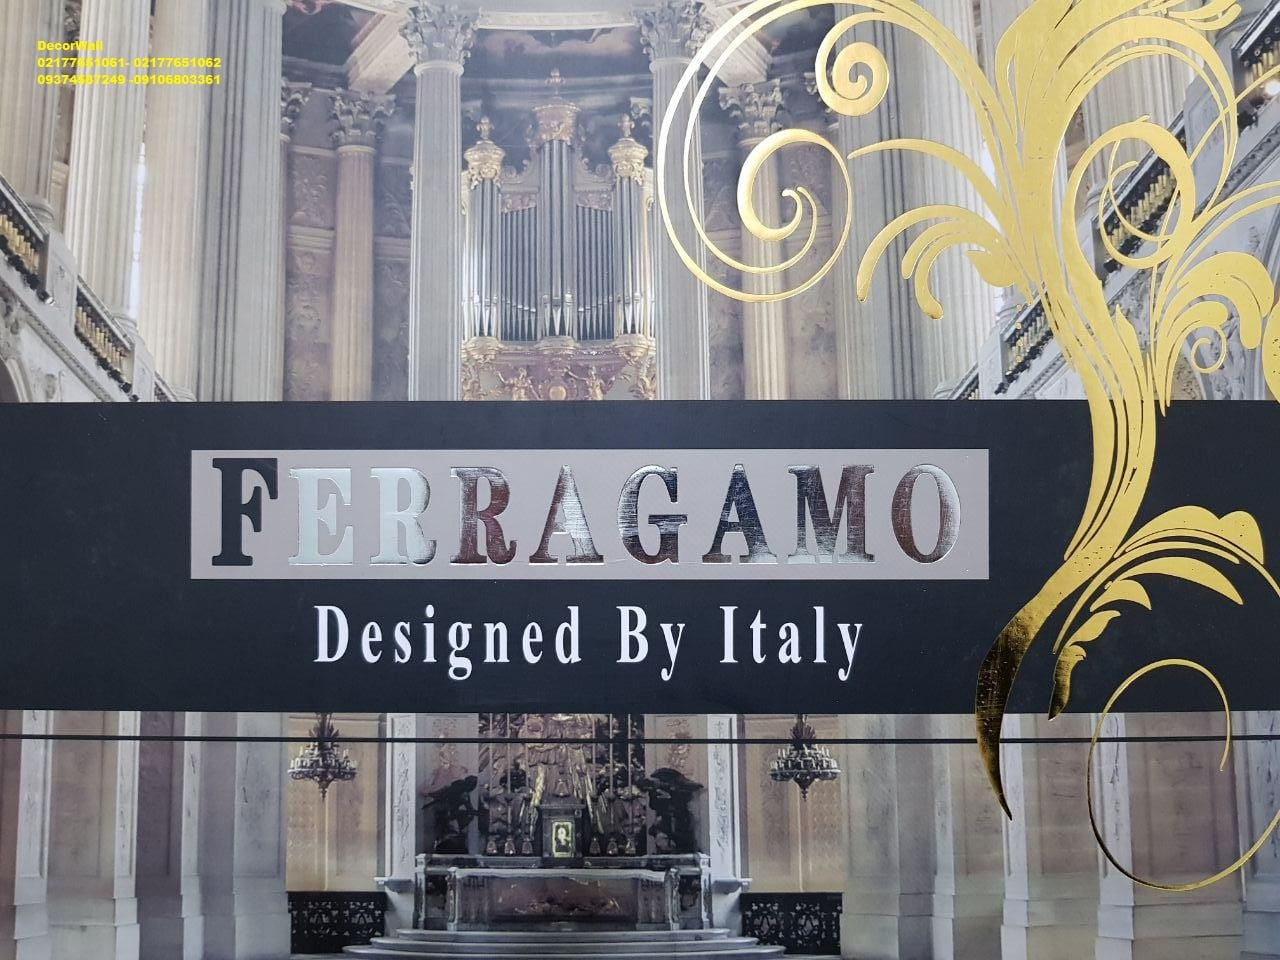 آلبوم فرگاما fergama